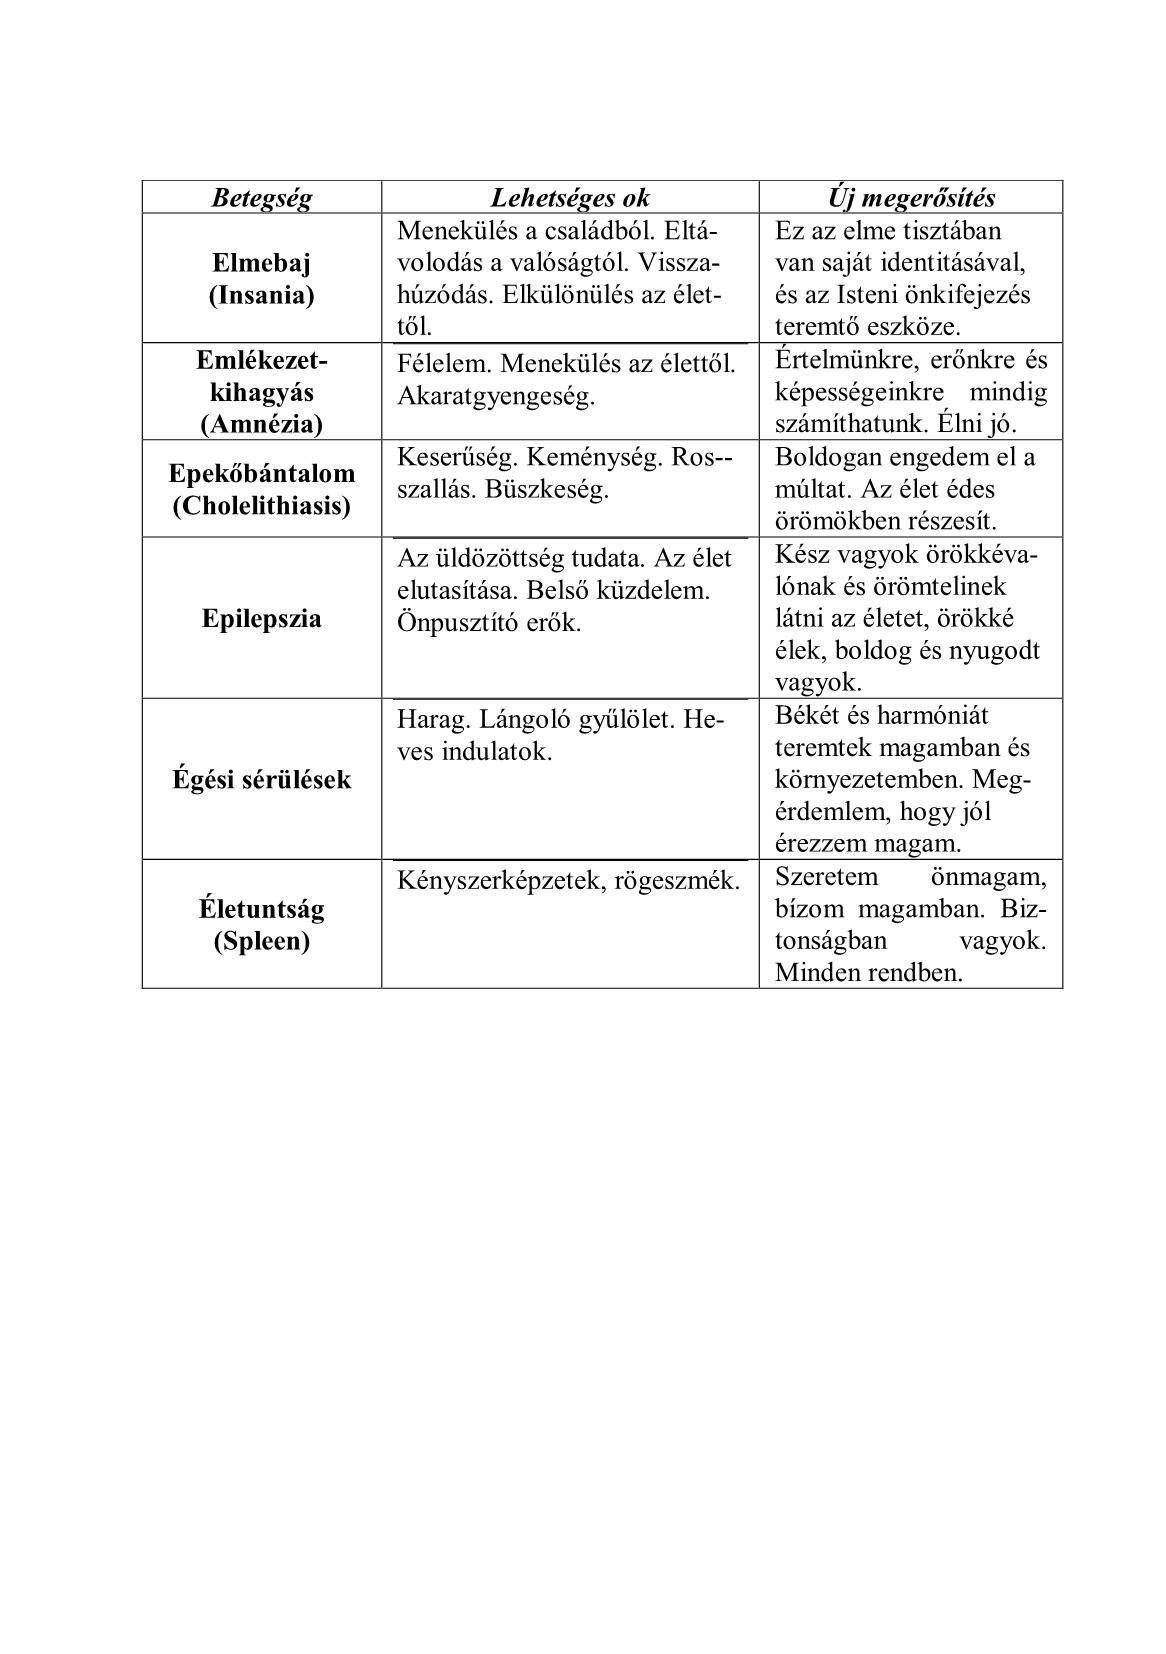 látásvizsgálati táblázat, ami azt jelenti homályos látás érrendszeri problémák miatt